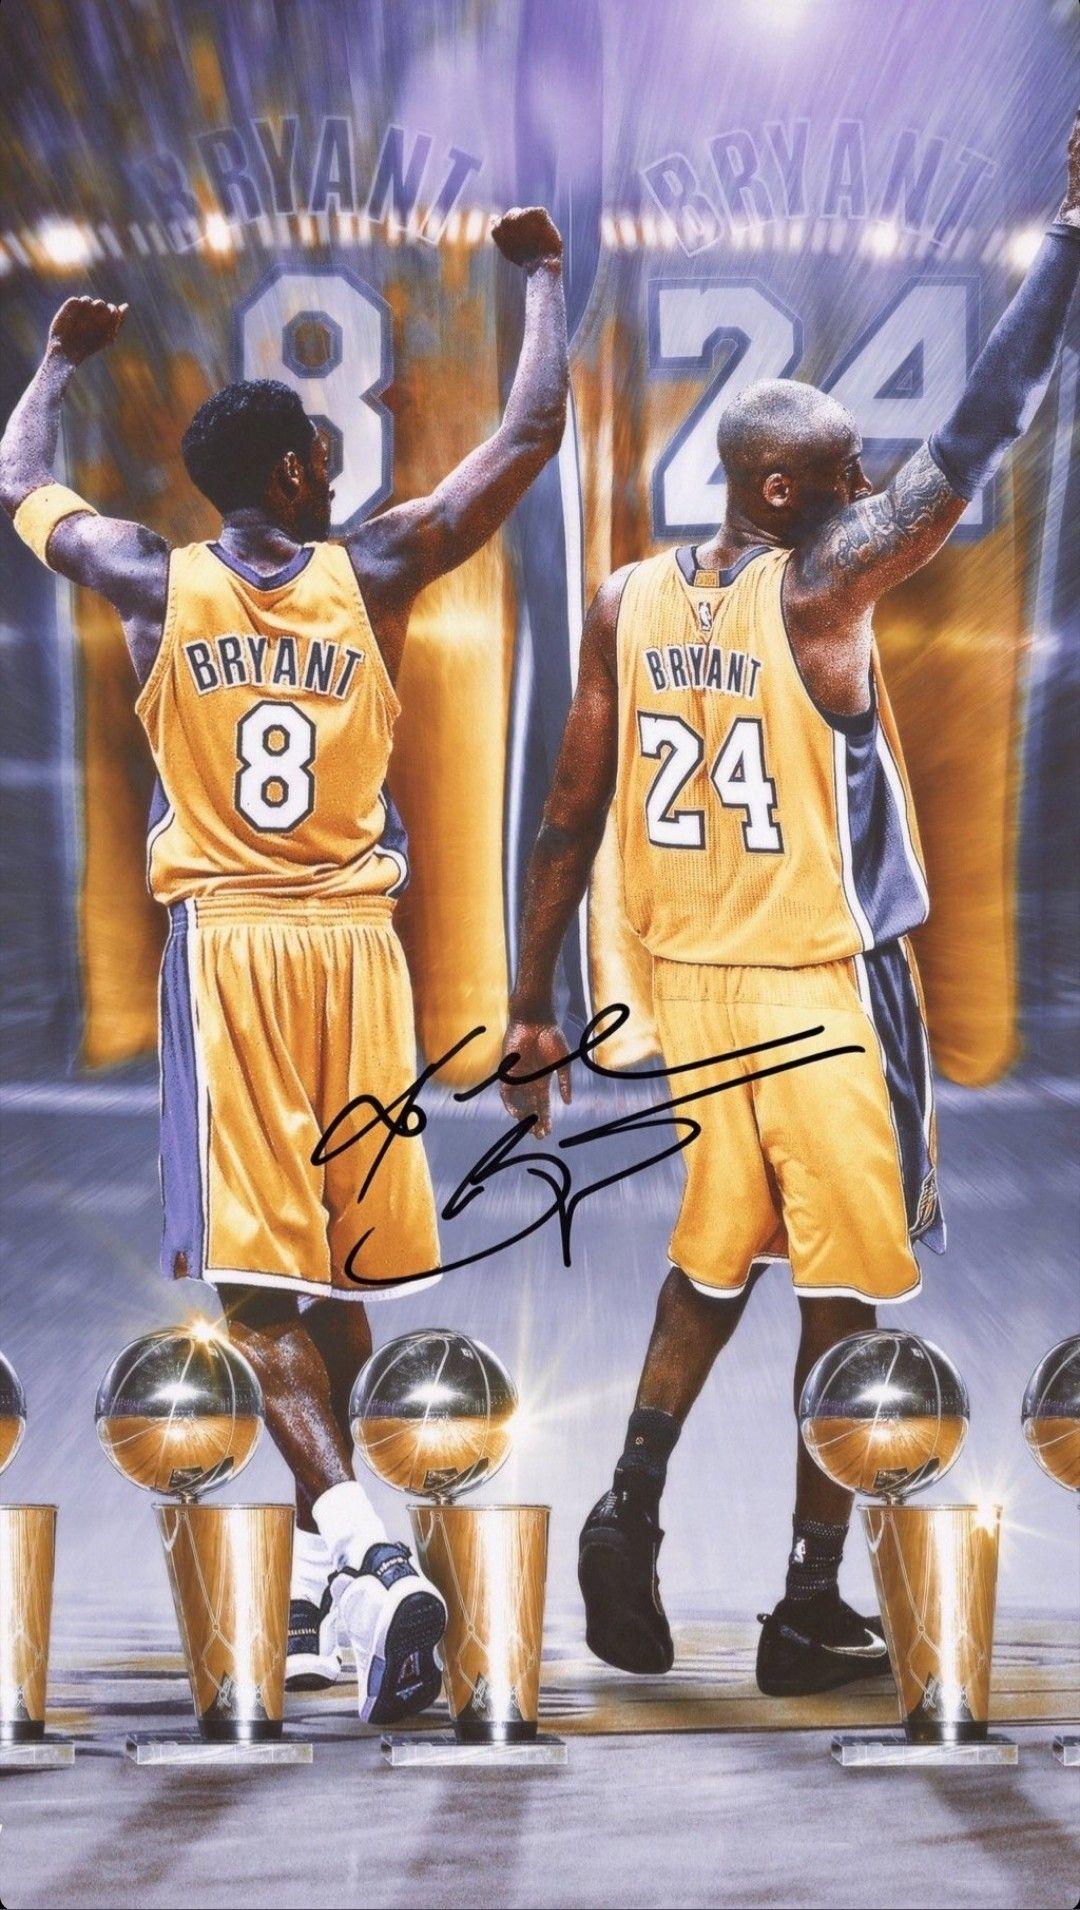 Kobe Bryant Wallpaper Kobe Bryant Wallpaper Kobe Bryant Kobe